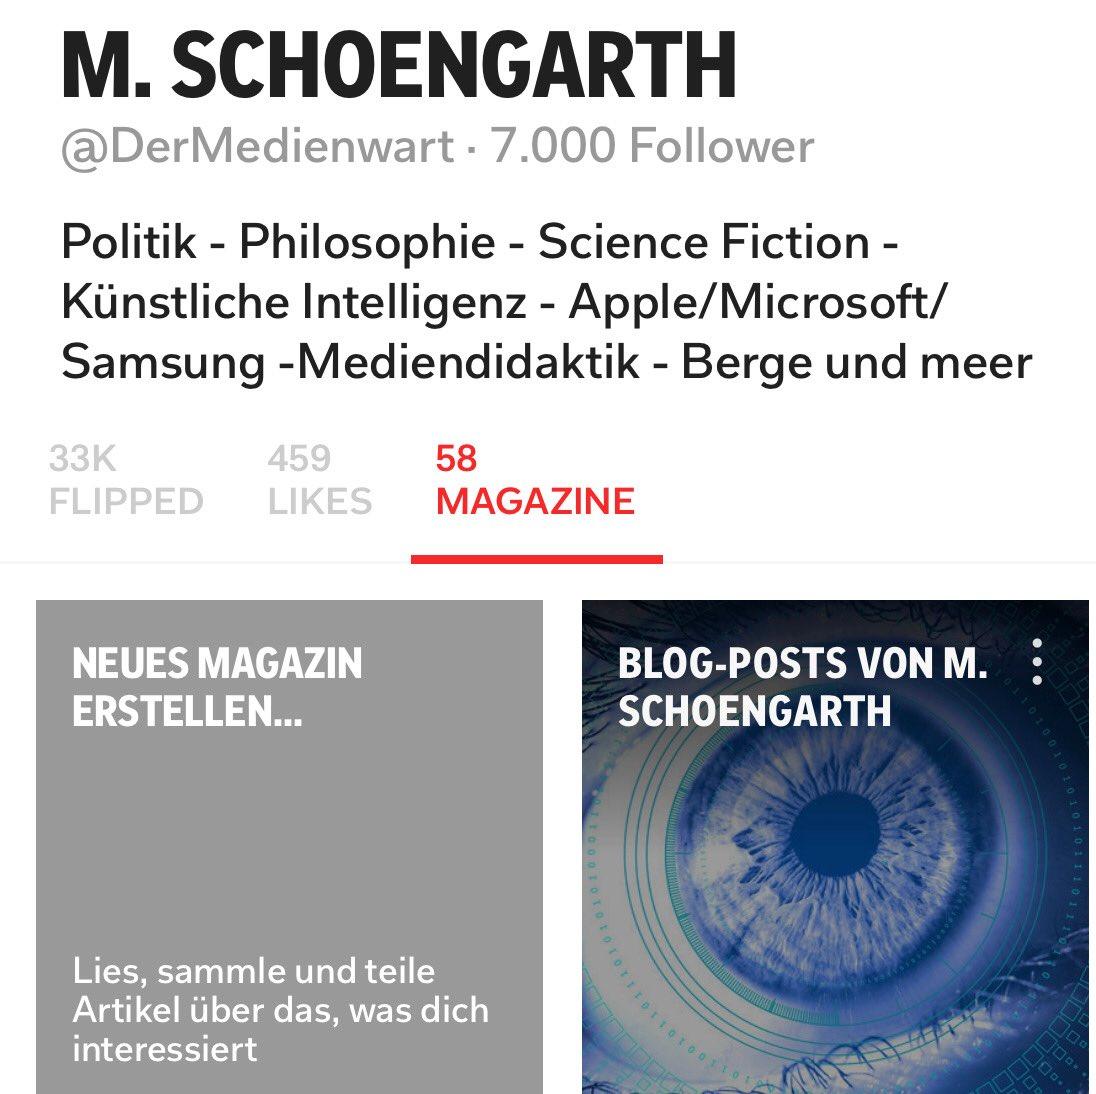 Die im Internet gefunden Materialen systematisch in eigenen #Magazinen zu sammeln, ist ein #Feature von #Flipboard. Dass die öffentlichen Magazinen nun 7K Follower haben, ist  #FollowerPower . Vielen Dank! https://t.co/SKd682ck47